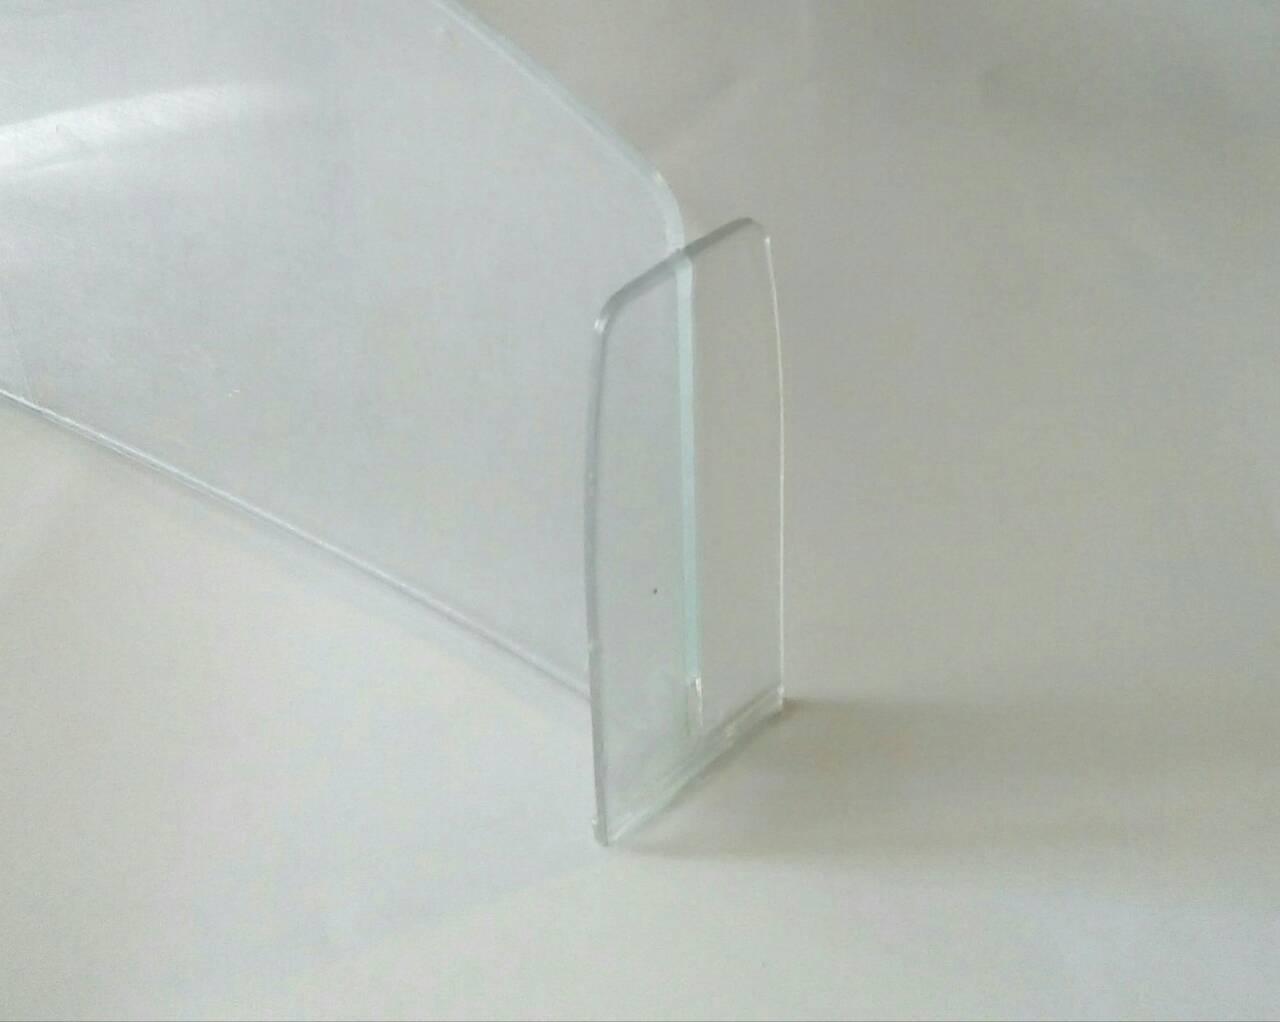 Полочный Т-разделитель  Optimal™+ высота 120 мм, длина 580мм. б/у